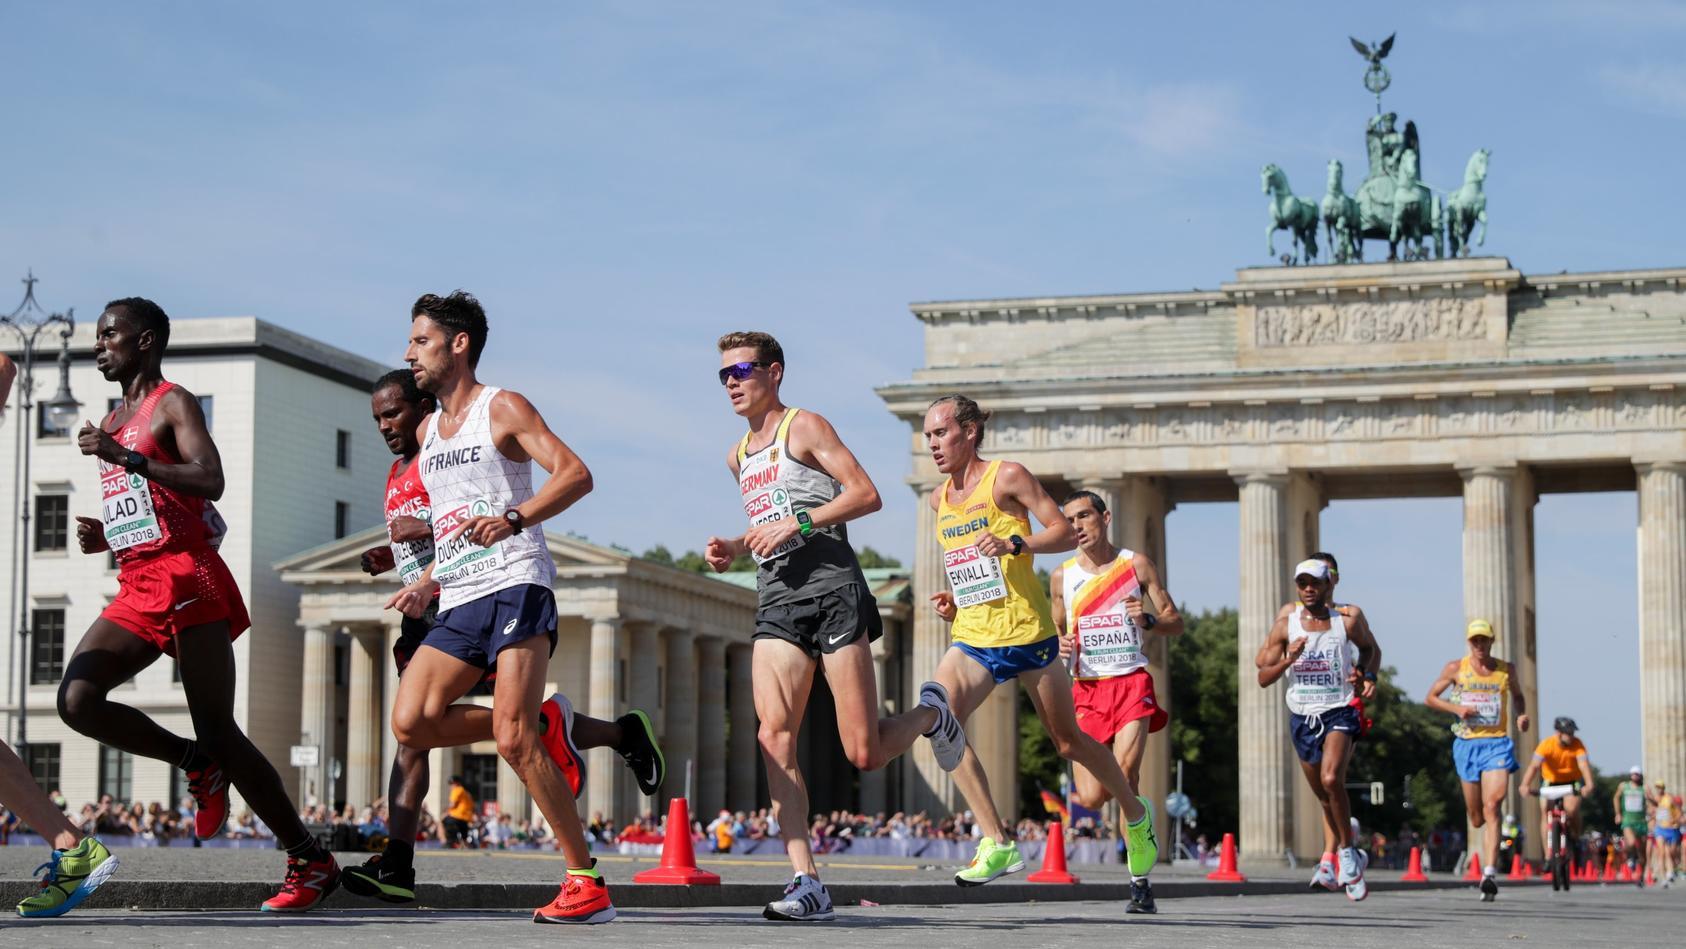 Der Berlin-Marathon ist für viele Läufer ein absolutes Highlight im Jahr.